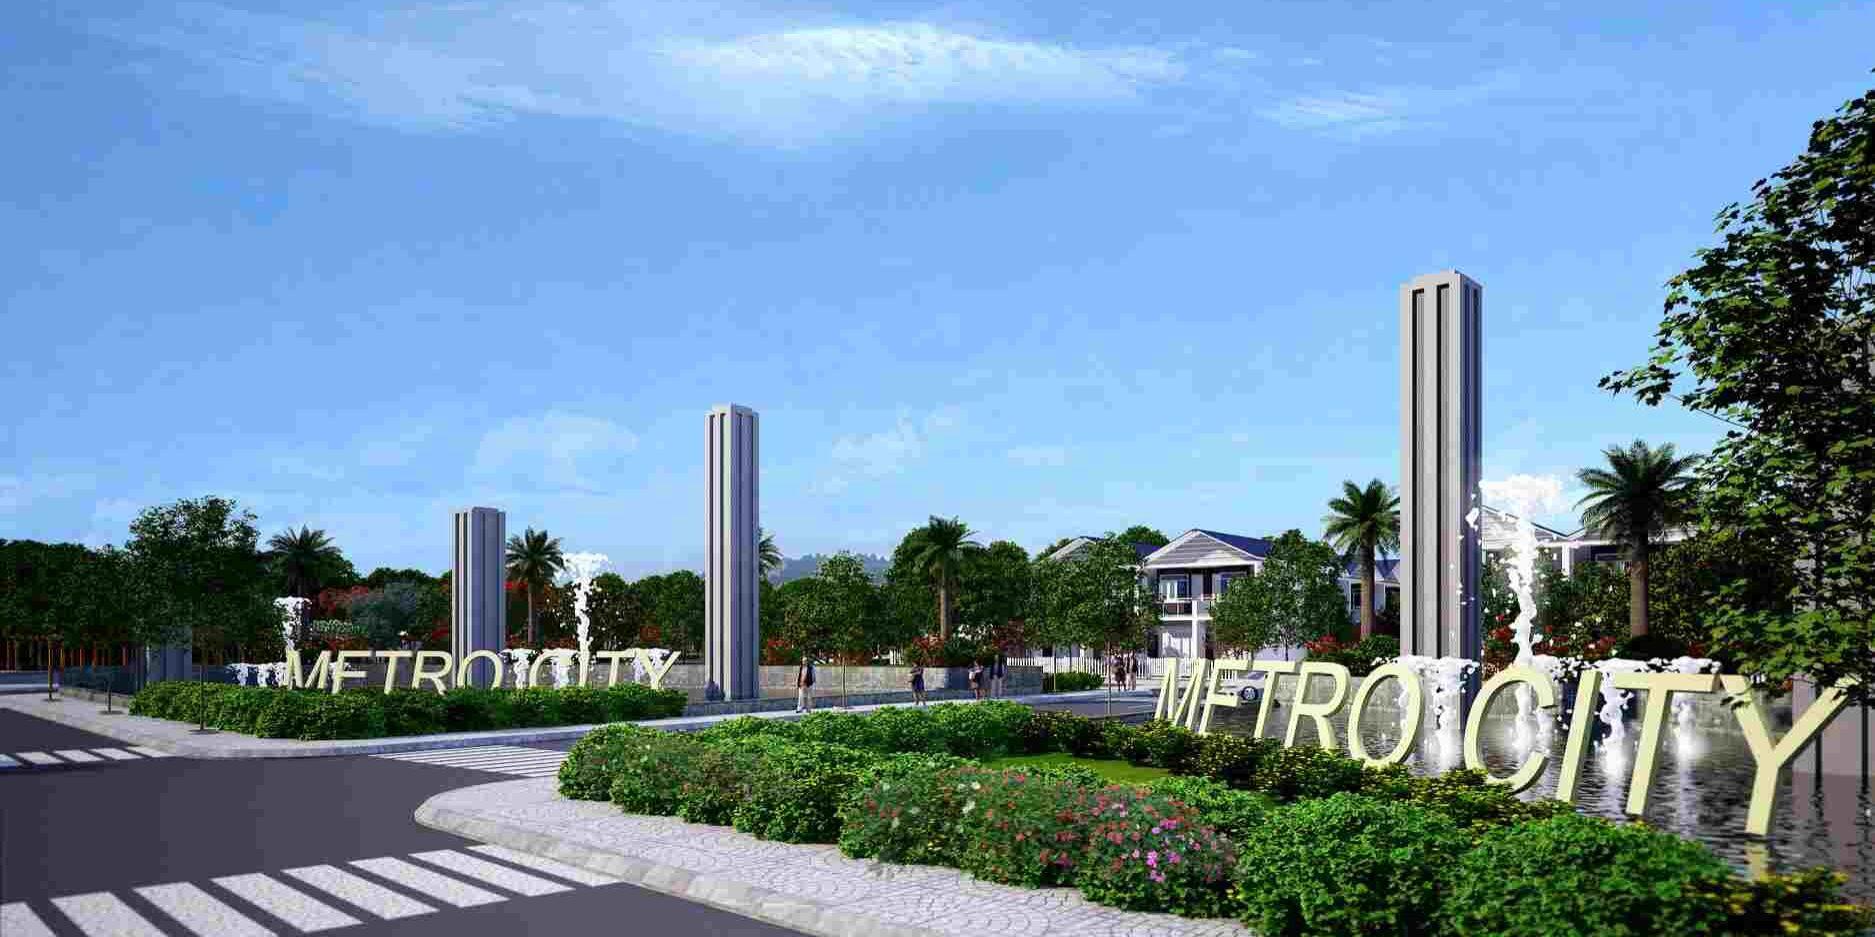 Dự án khu đô thị Metro City Tây Bắc Củ Chi